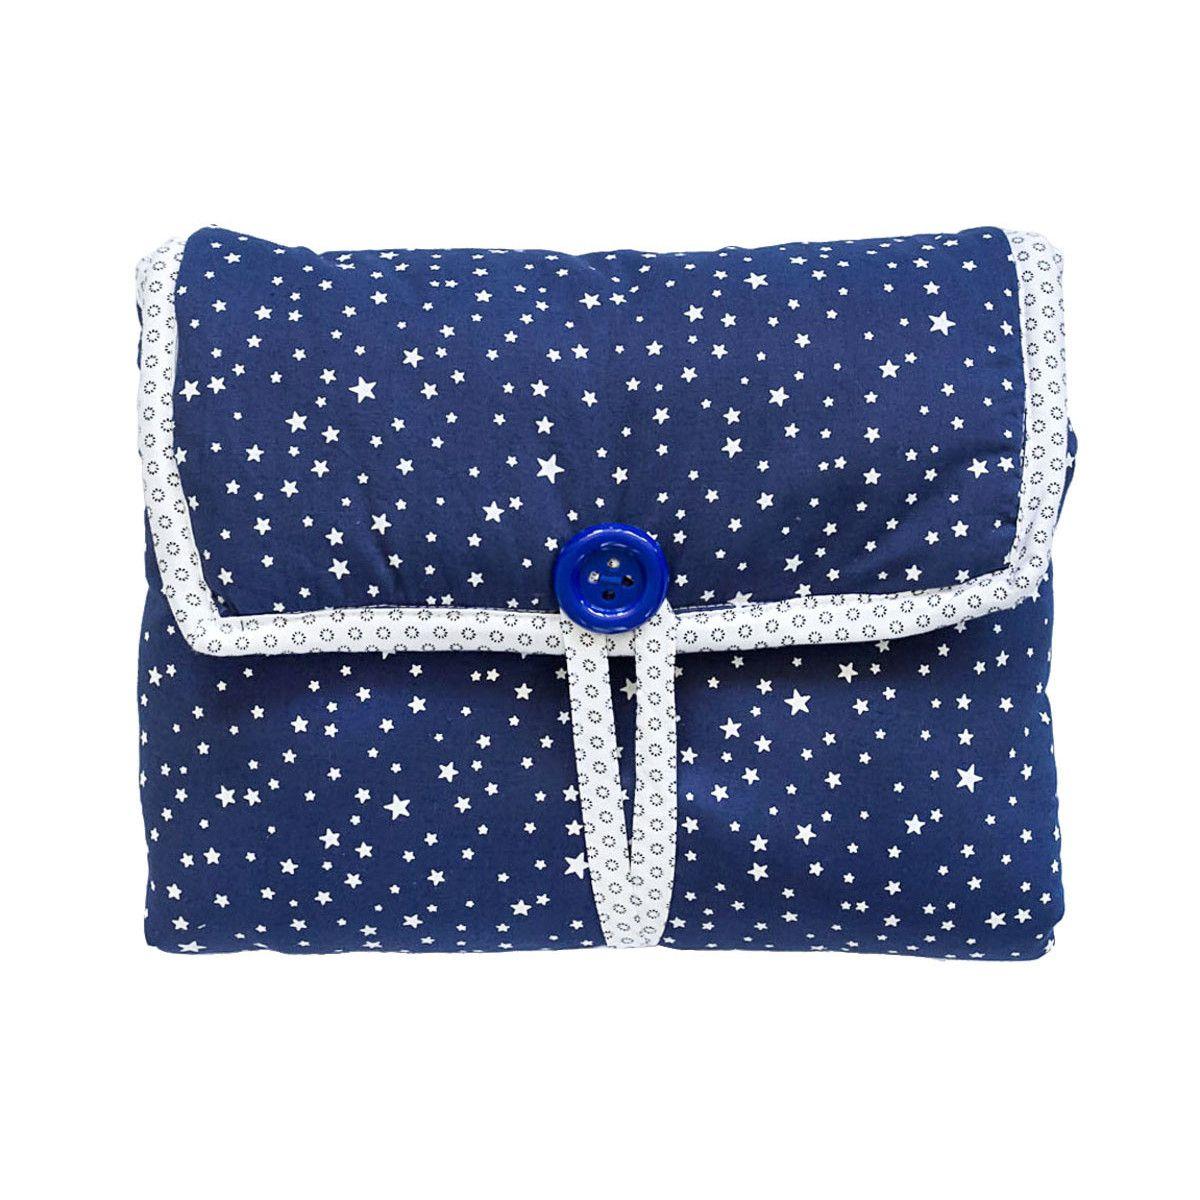 Tapis à langer nomade de voyage bébé coton éponge bleu nuit et étoiles